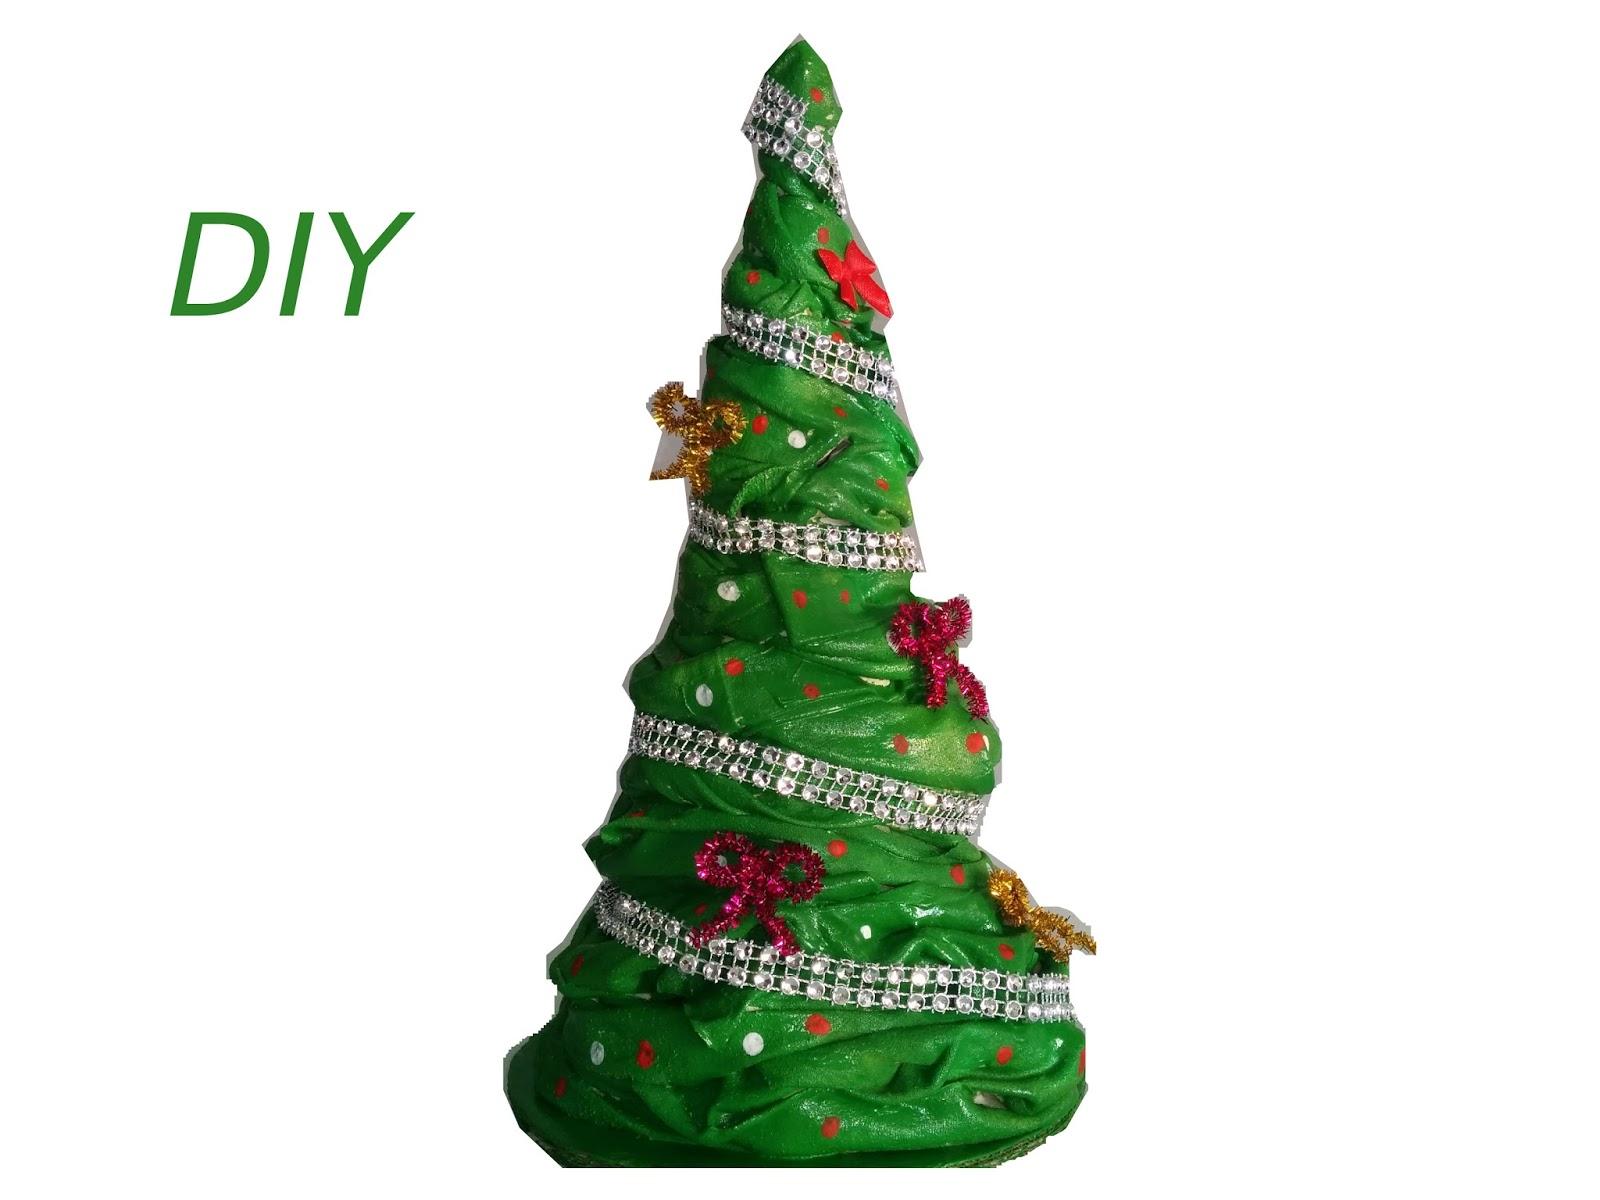 Manualidades con mis manitas arbol navide o echo con tela - Arbol de navidad de tela ...